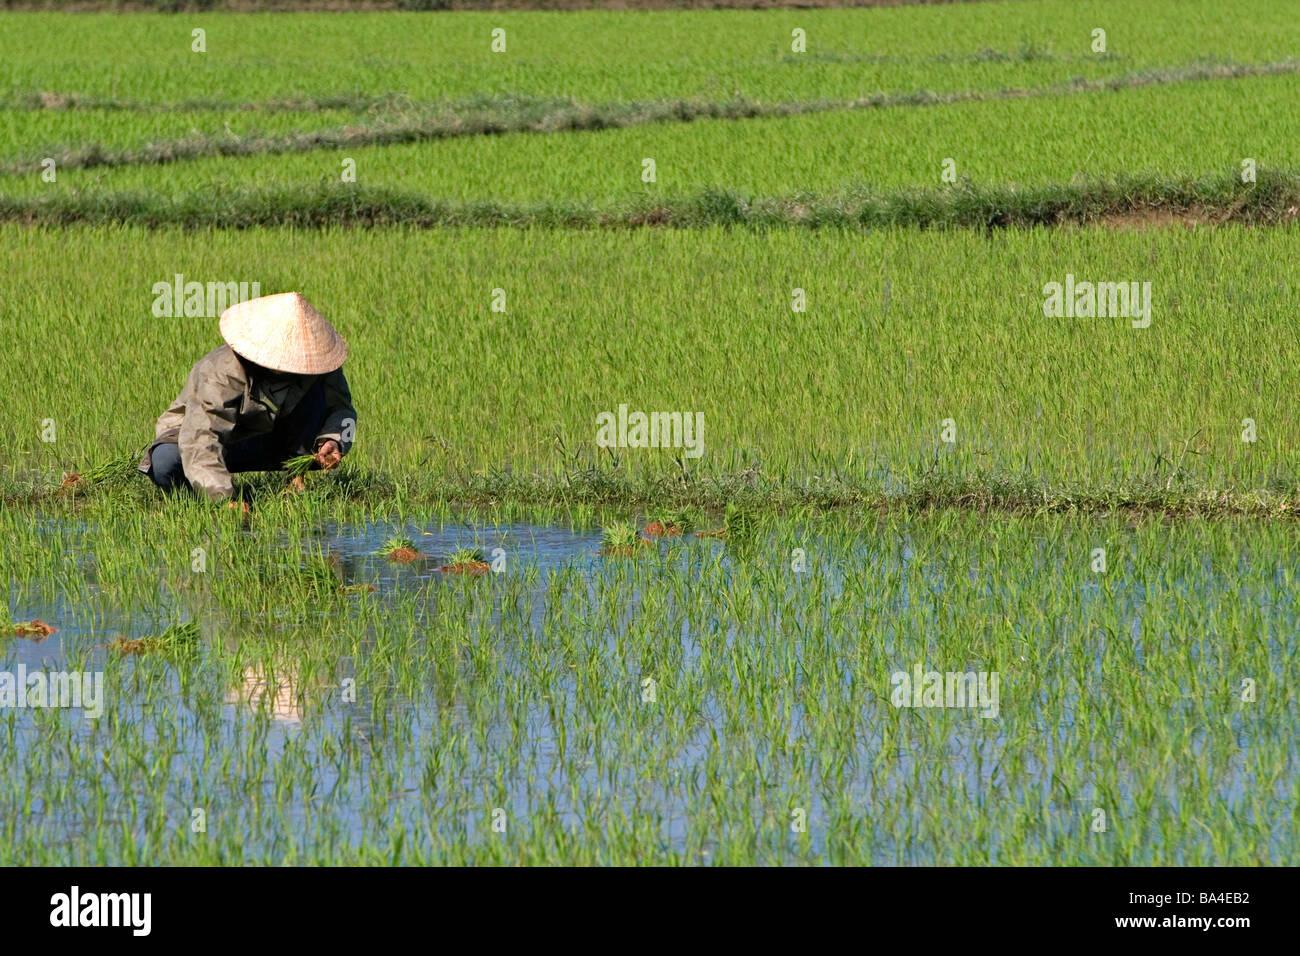 Vietnamesische Landwirt tendenziell ein Reisfeld in der Nähe von Hoi An Vietnam Stockbild